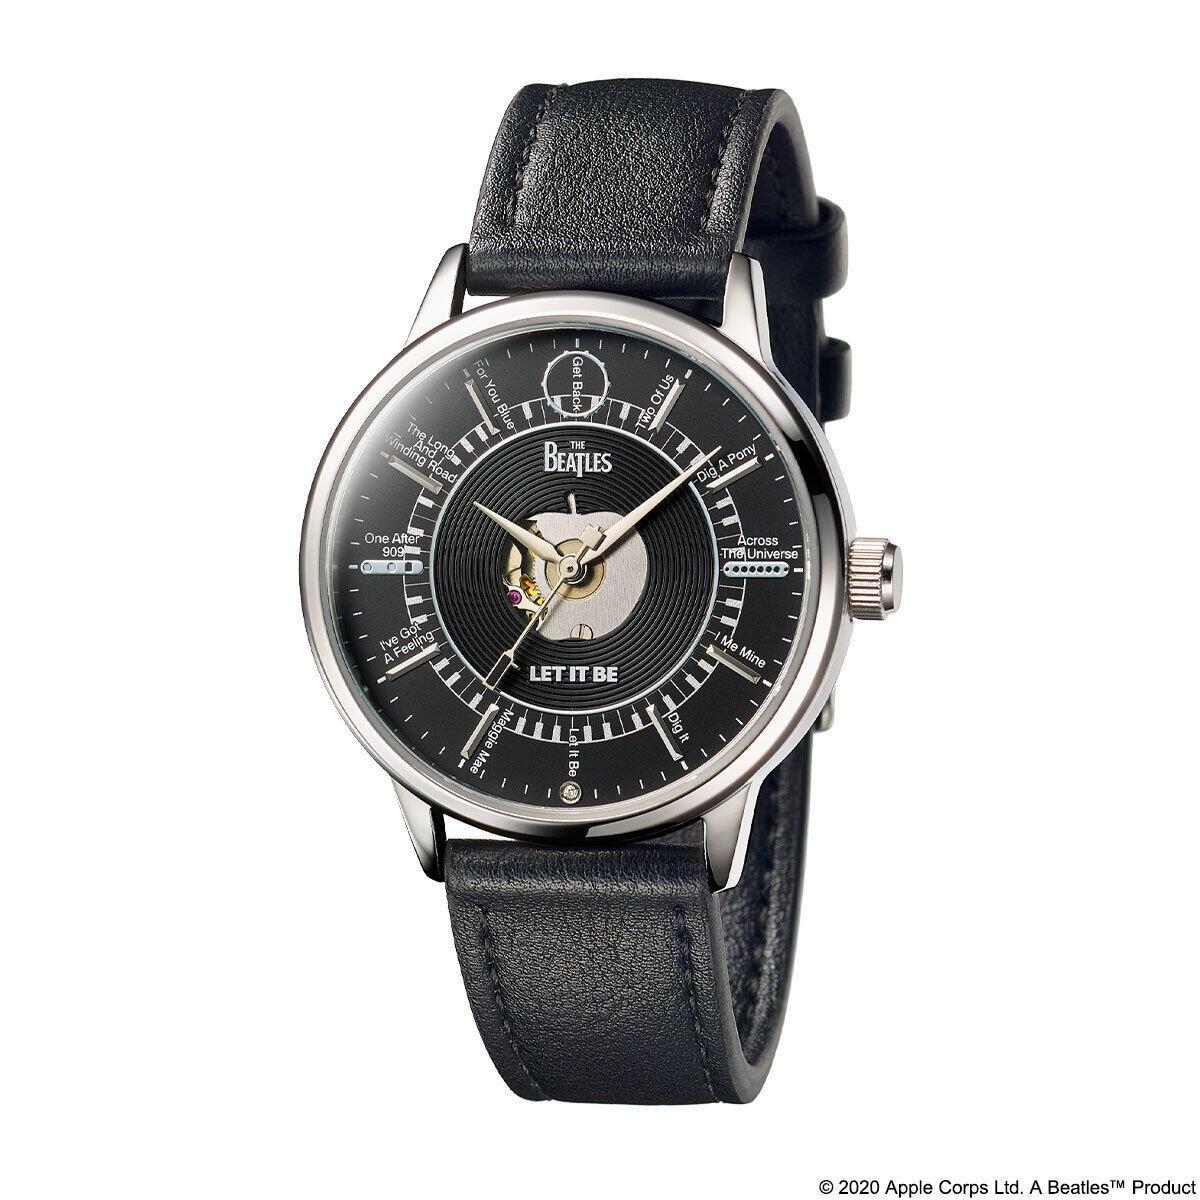 ザ・ビートルズのラストアルバム「LET IT BE」50周年記念の腕時計